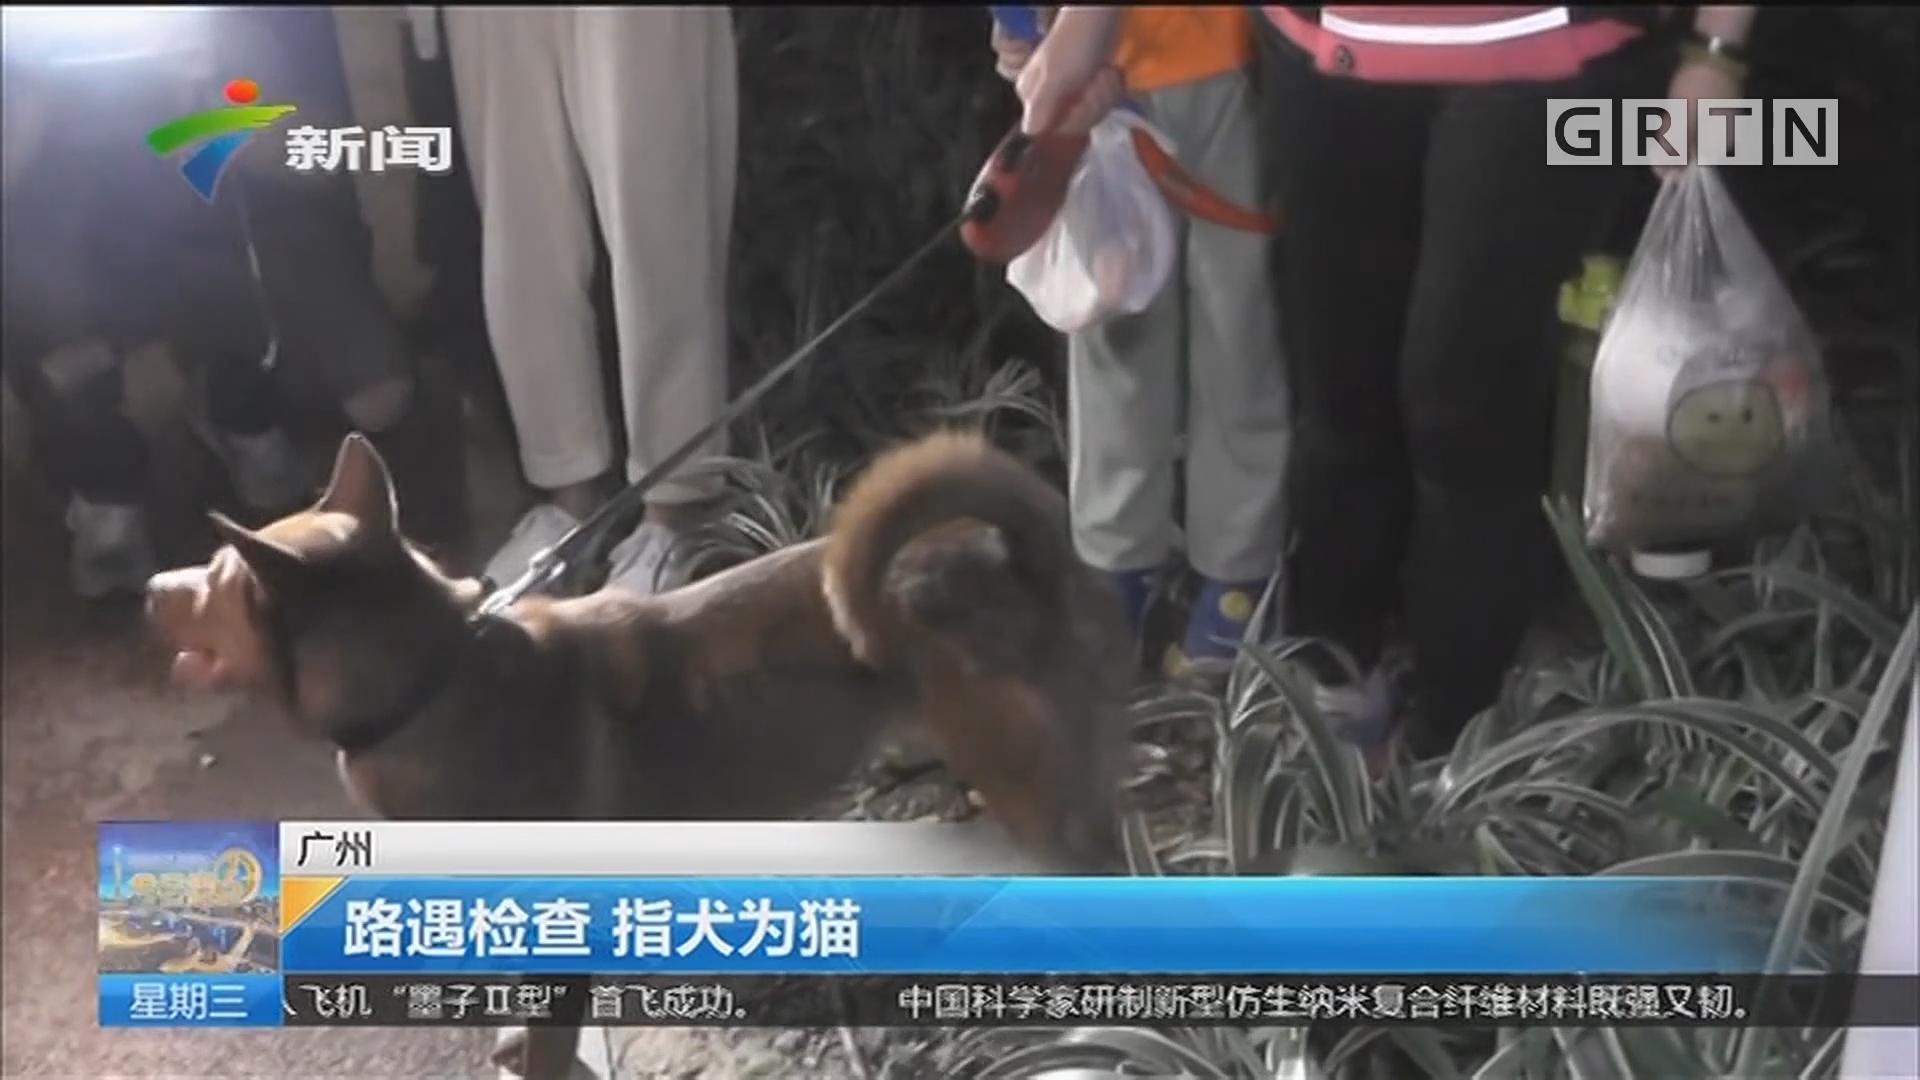 广州:路遇检查 指犬为猫